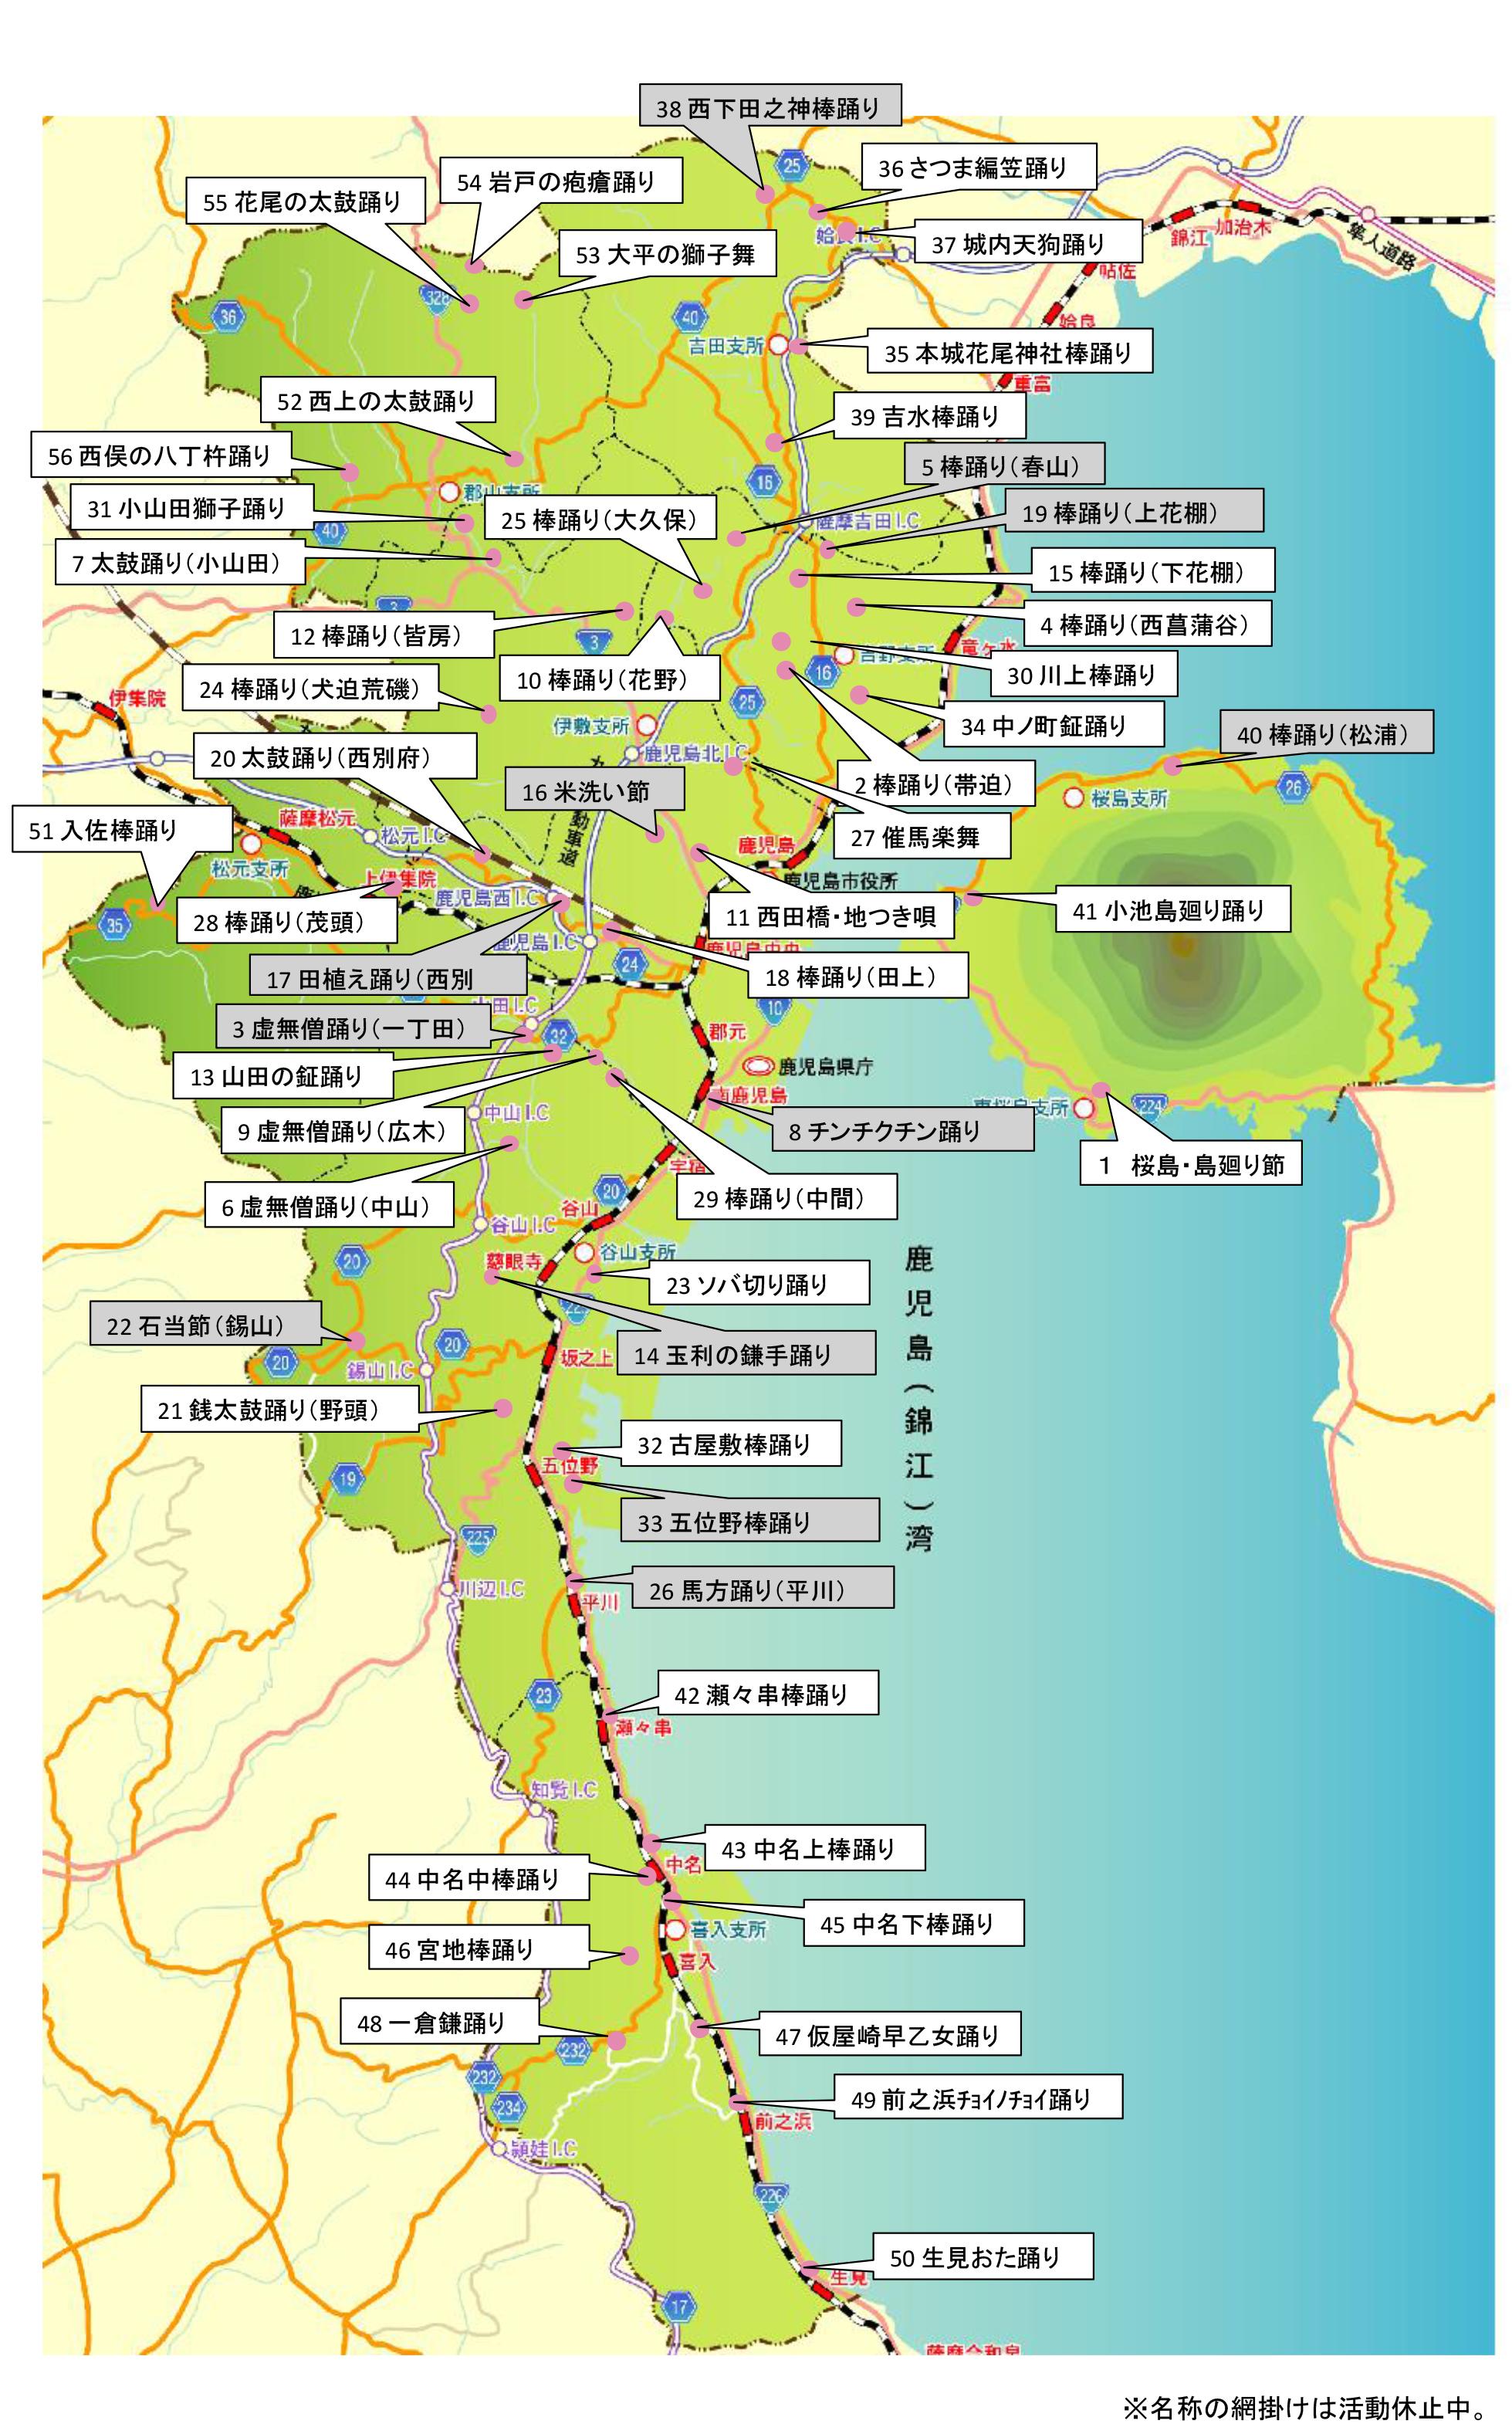 鹿児島市内の郷土芸能(位置図)20140228